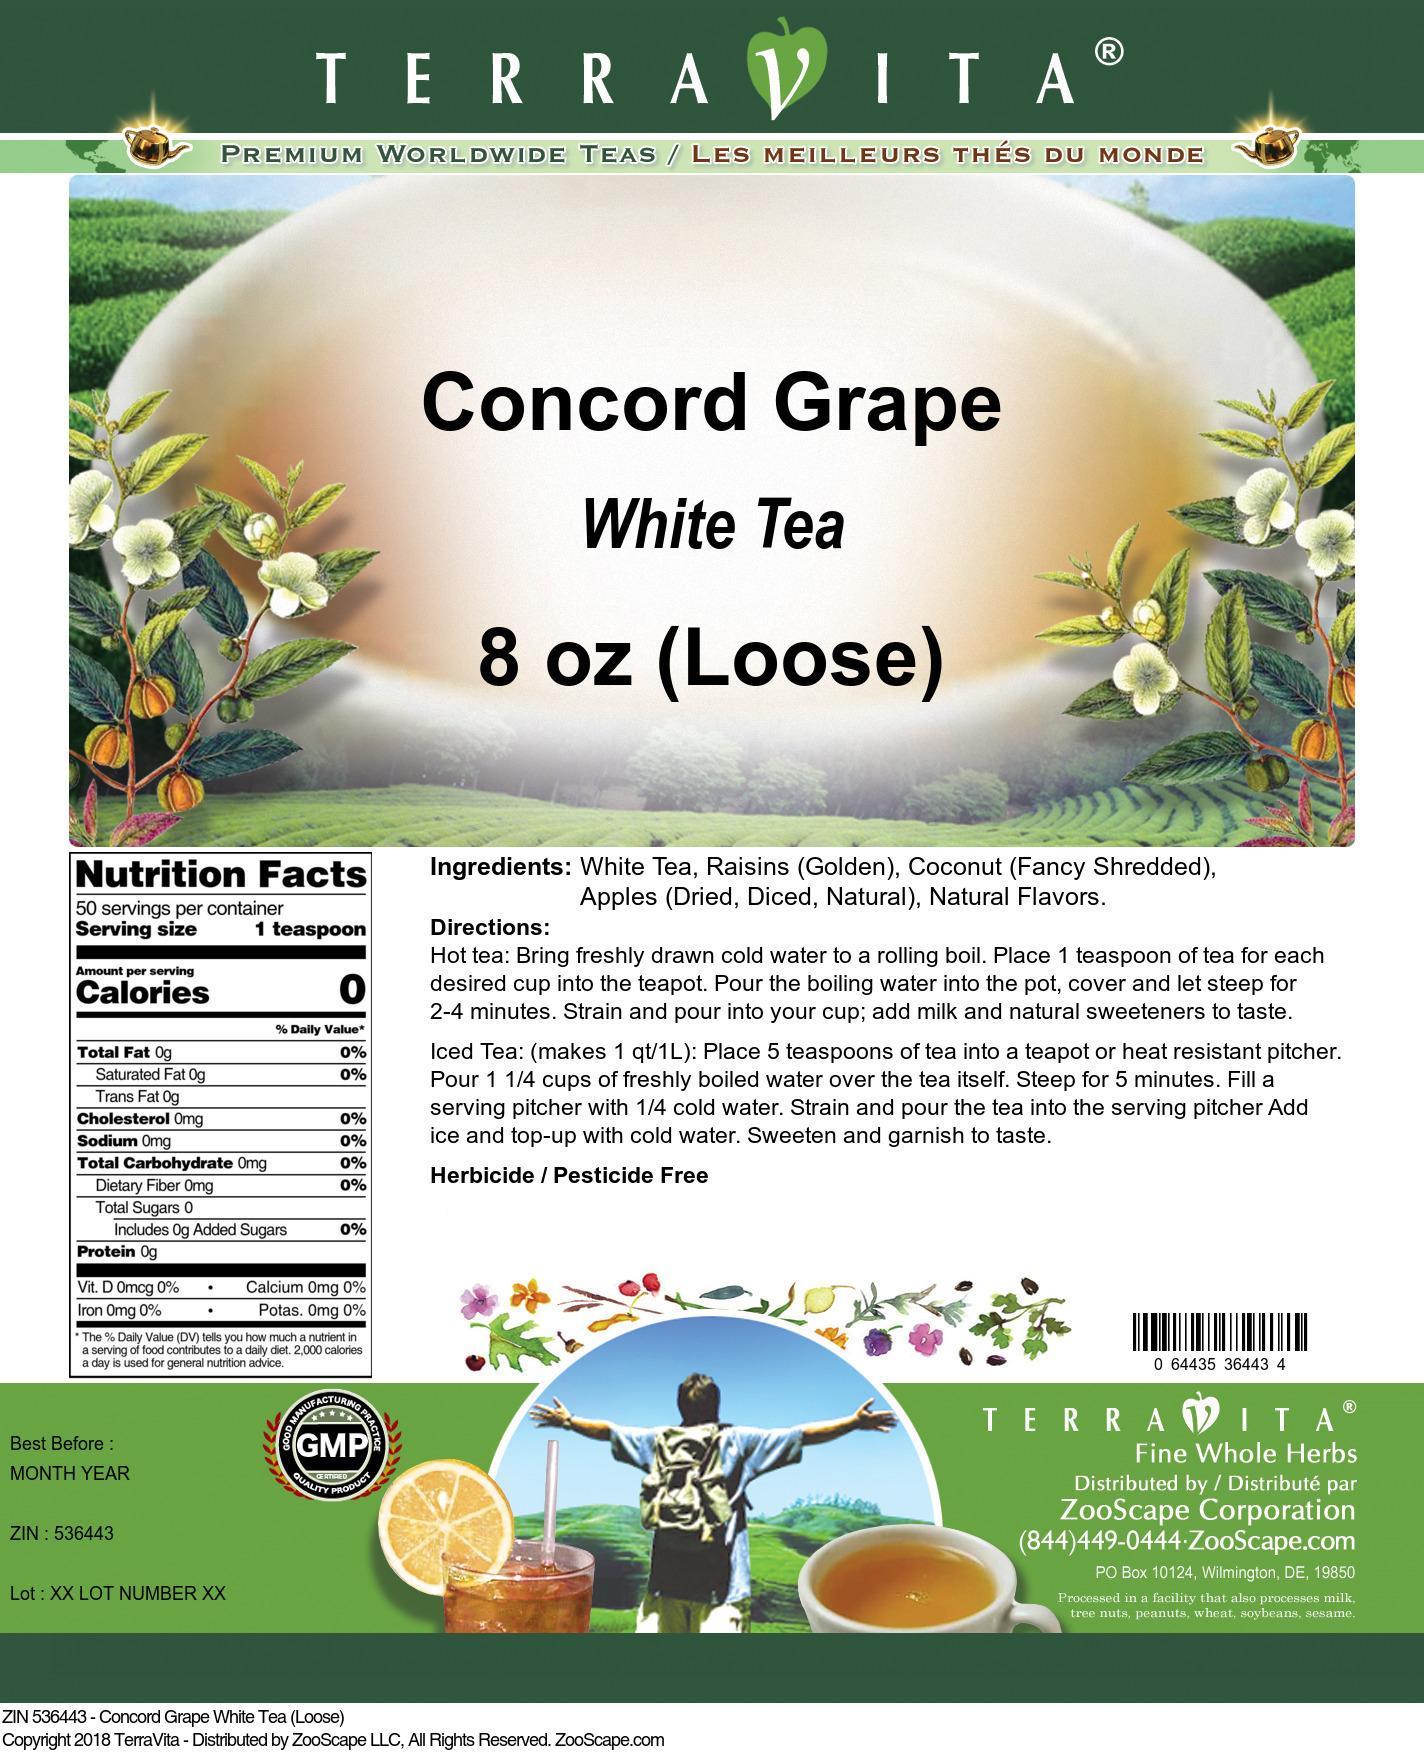 Concord Grape White Tea (Loose)